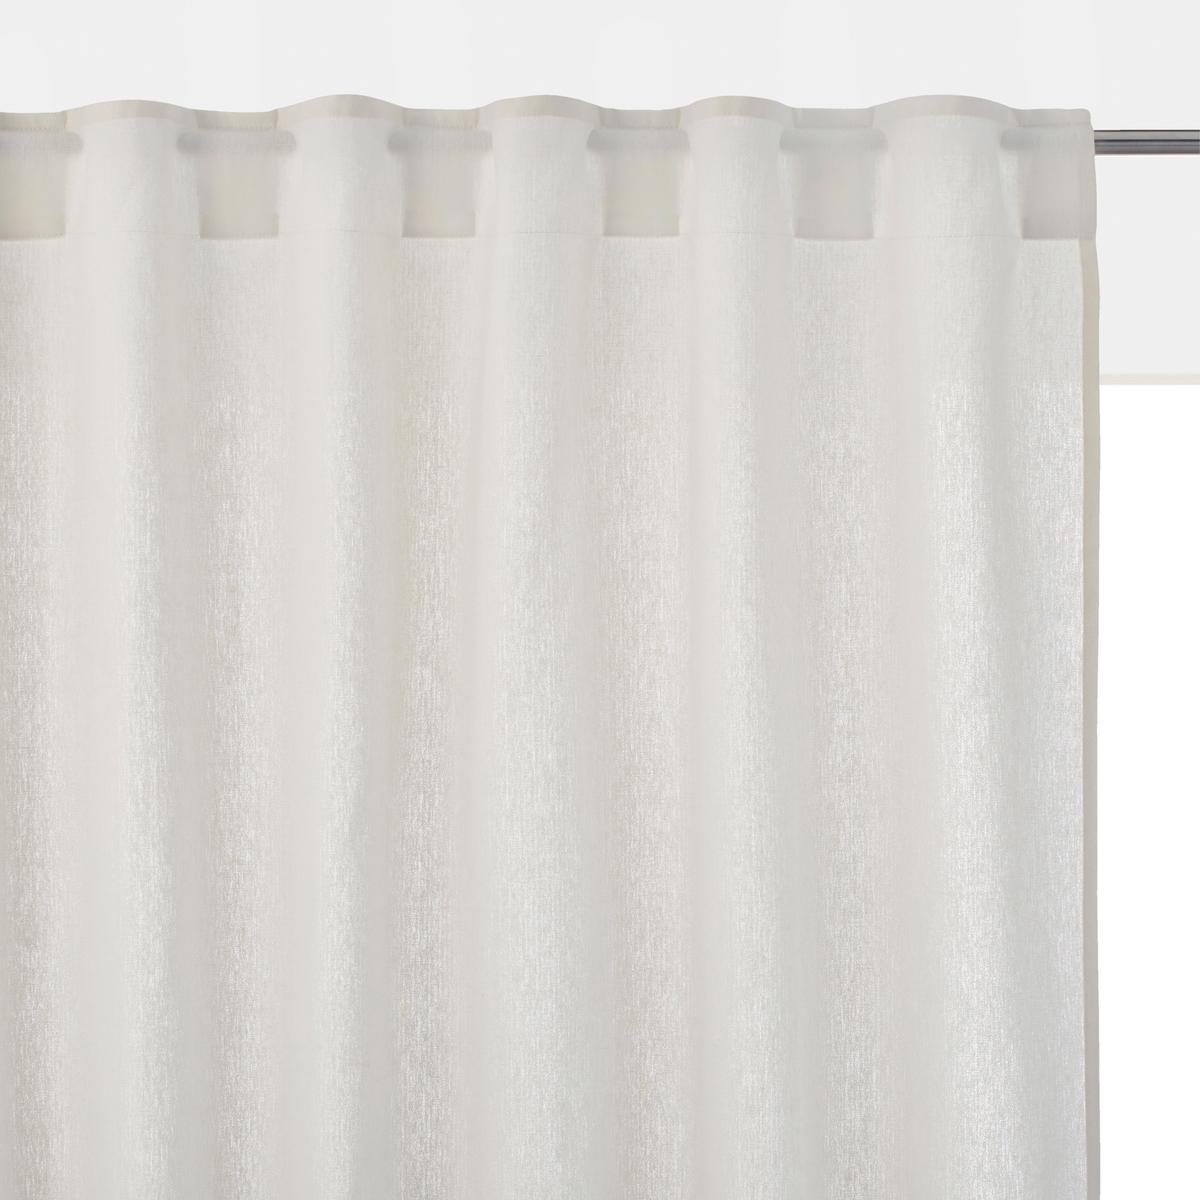 Штора из смесовой ткани из льна и хлопка со скрытыми клапанами TA?MAКачество BEST, штора из смесовой ткани. Высококачественная ткань плотного переплетения из 55% льна и 45% хлопка. Красиво ниспадающая ткань.Характеристики шторы из смесовой ткани из льна и хлопка TA?MA:Качество BEST, требование качества.55% льна, 45% хлопкаНиз подшитОтделка скрытыми клапанамиОтличная стойкость цветов   .Размеры шторы из смесовой ткани из льна и хлопка TA?MA: Выс. 180 x Ширина. 145 смВыс. 220 x Ширина. 145 смВыс. 260 x Ширина. 145 смВыс. 350 x Ширина. 145 смЗнак Oeko-Tex® гарантирует, что товары прошли проверку и были изготовлены без применения вредных для здоровья человека веществ.<br><br>Цвет: белый,бледный сине-зеленый,розовое дерево,светло-серо-коричневый,светло-серый,серо-бежевый,серо-синий,сливовый,темно-серый,экрю